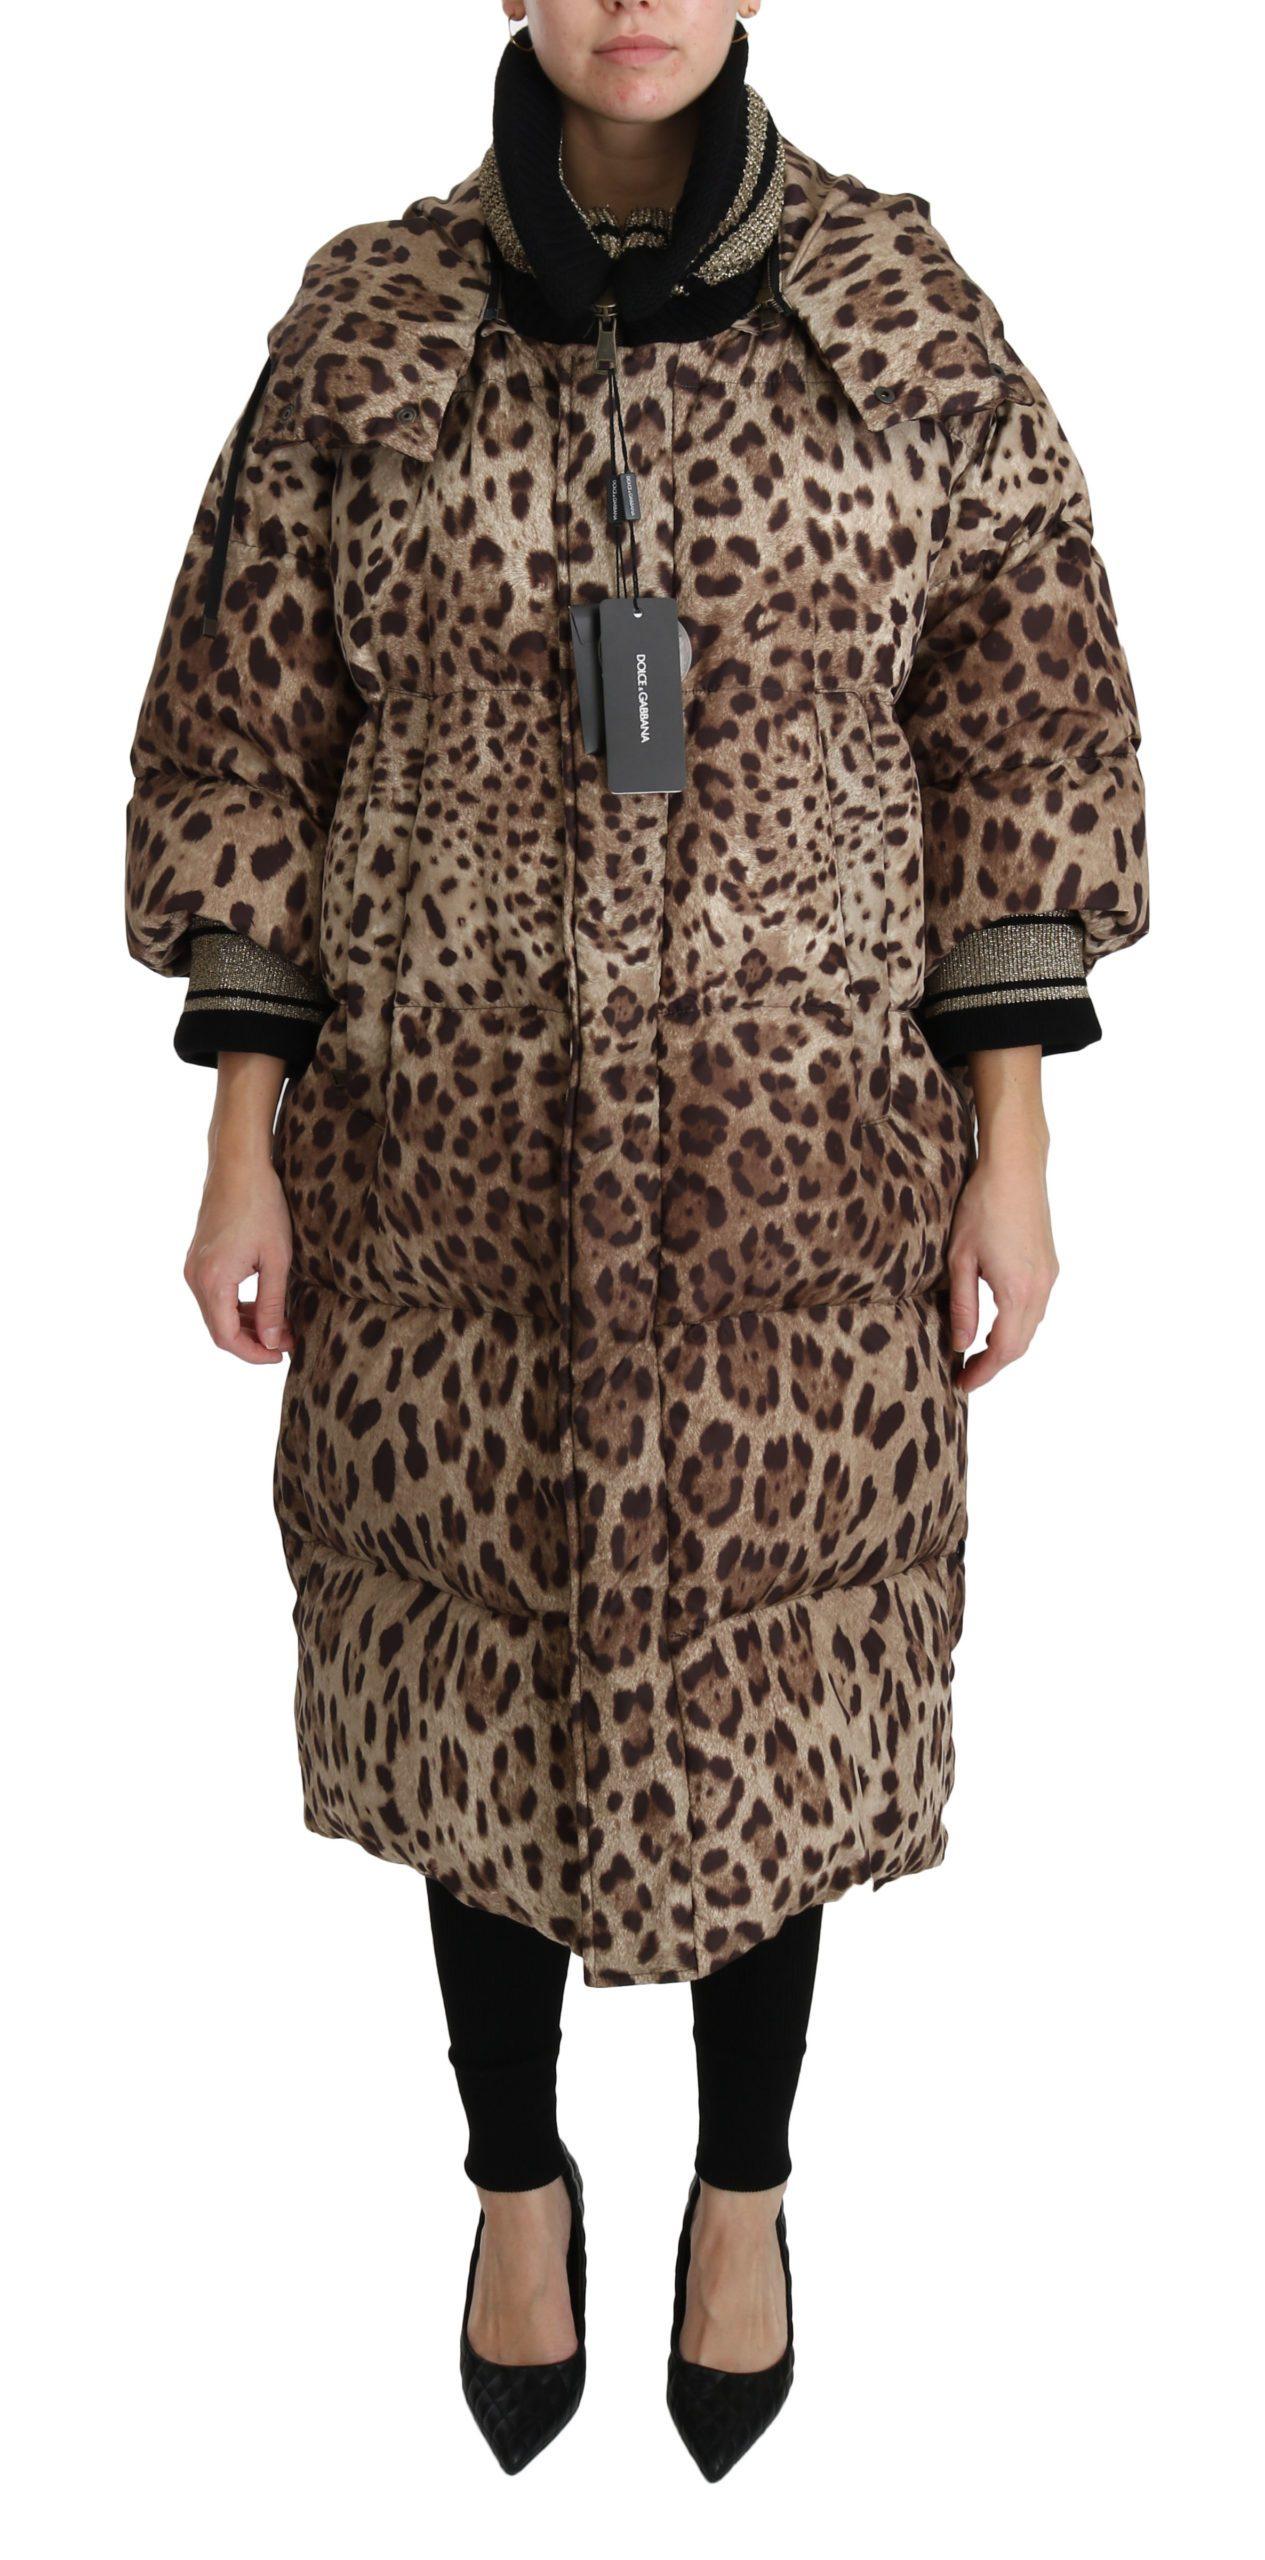 Dolce & Gabbana Women's Leopard Down Hooded Coat Jacket Brown JKT2510 - IT38 | S